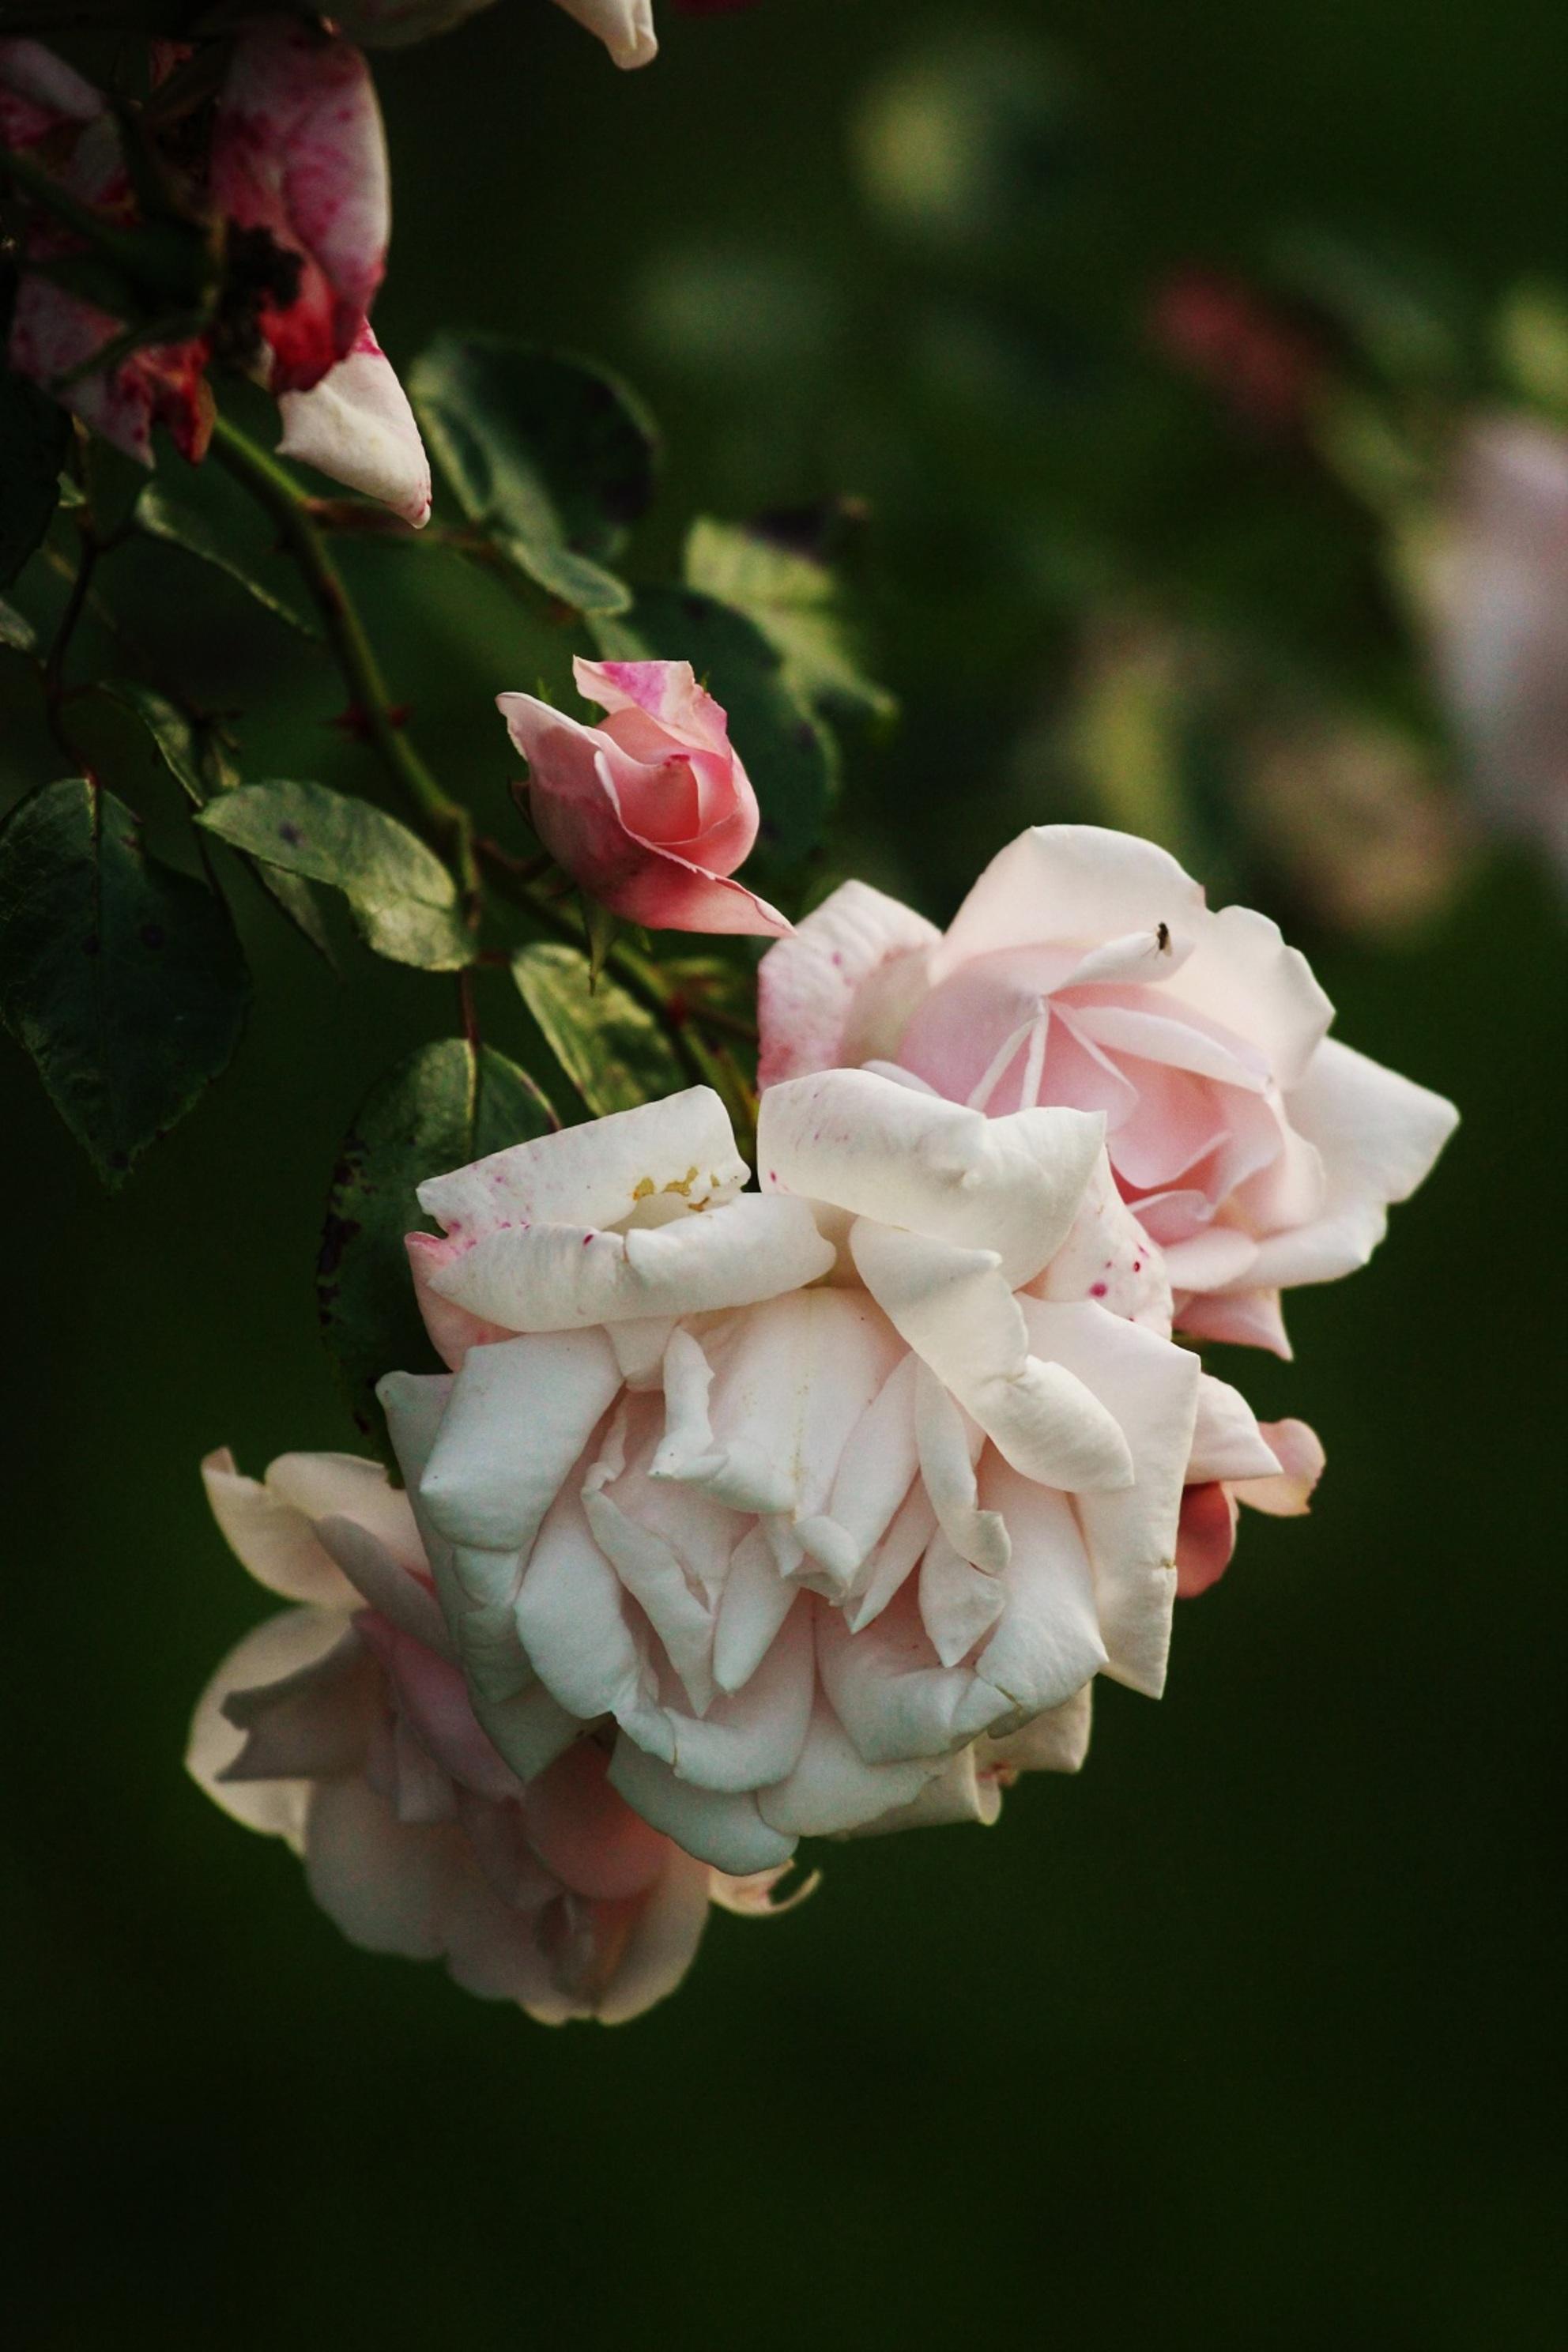 Bloemen - - - foto door kiimmrtn op 26-10-2016 - deze foto bevat: roze, groen, bloem, natuur, licht, bloemen - Deze foto mag gebruikt worden in een Zoom.nl publicatie